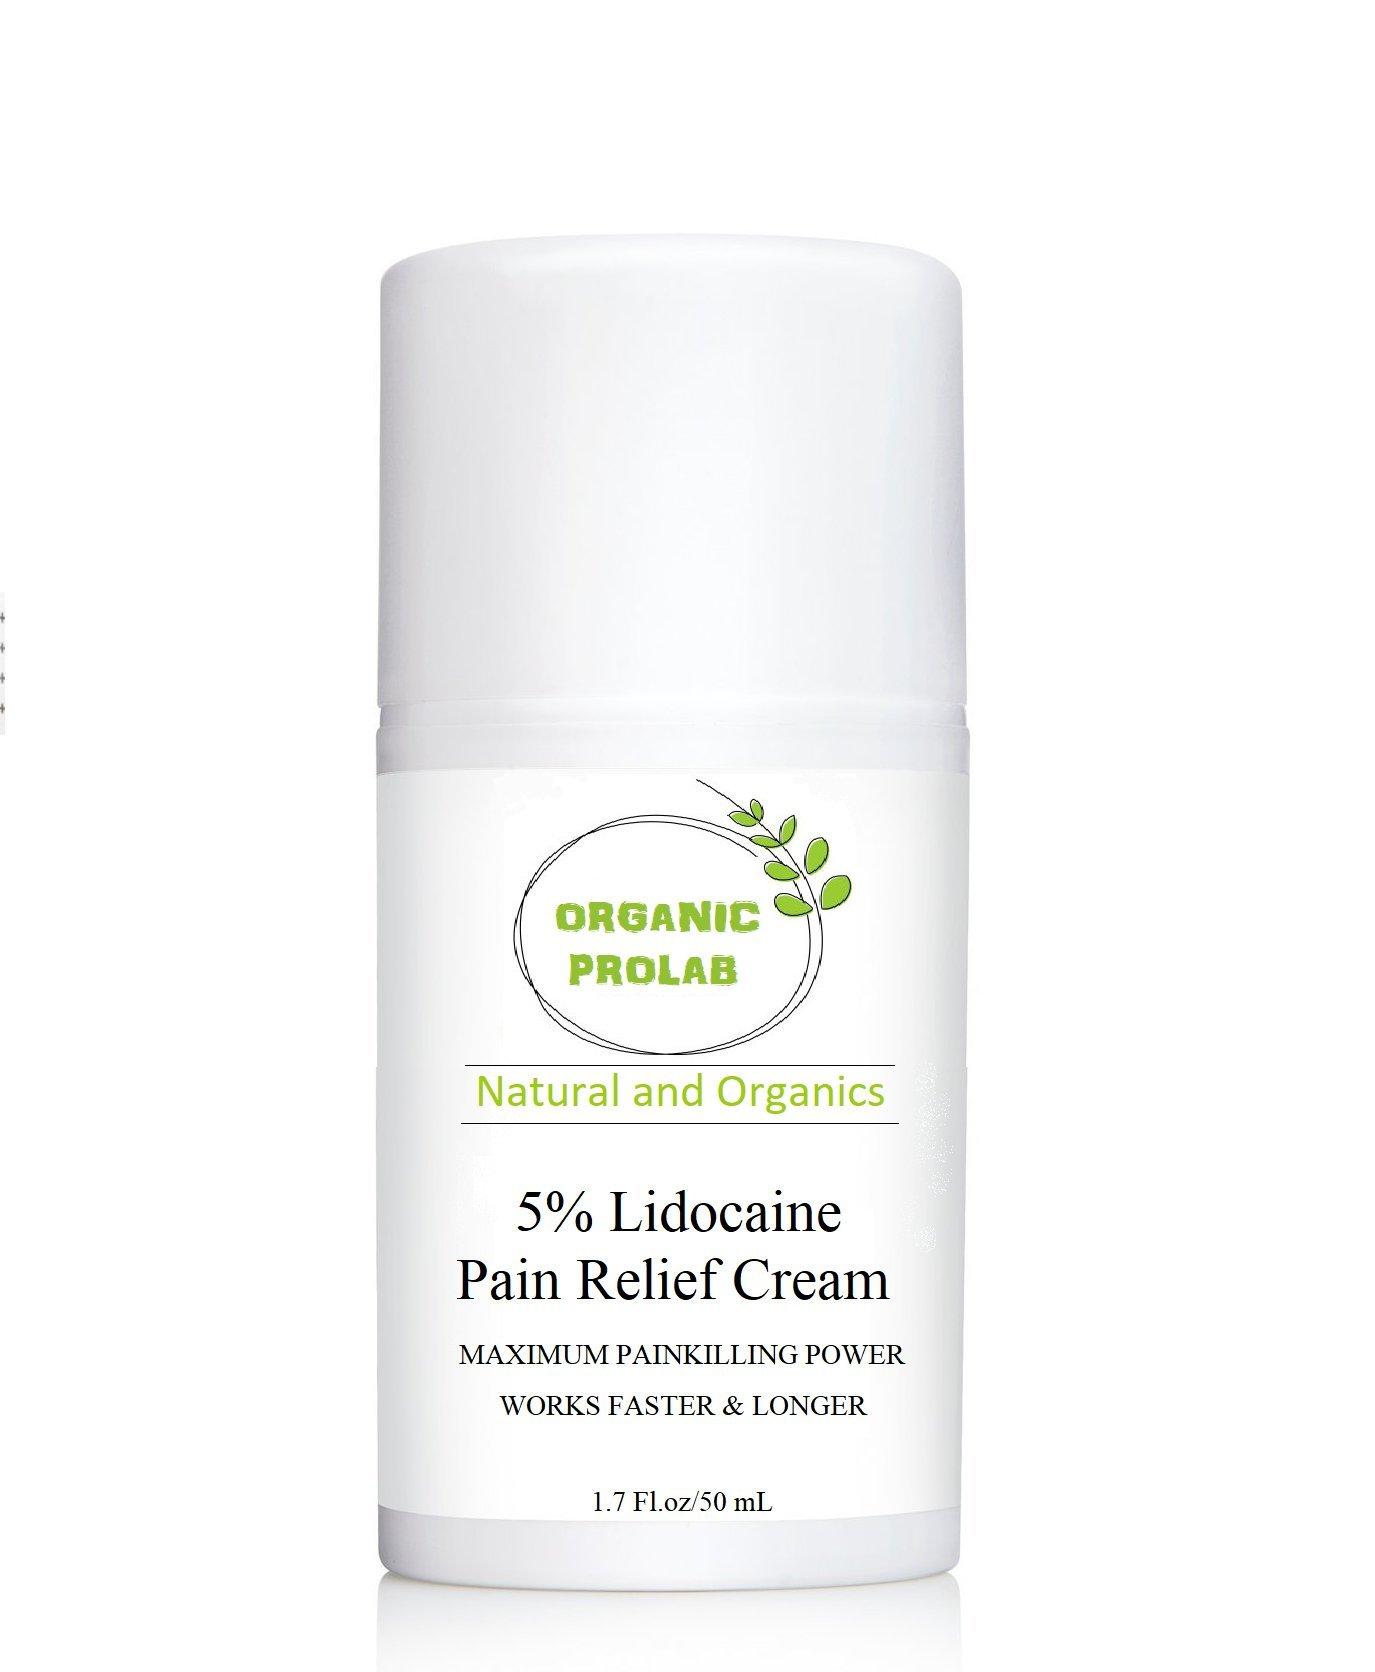 ORGANICPROLAB, 5% Lidocaine Pain Relief Cream, 1.7 Fl.oz/50m